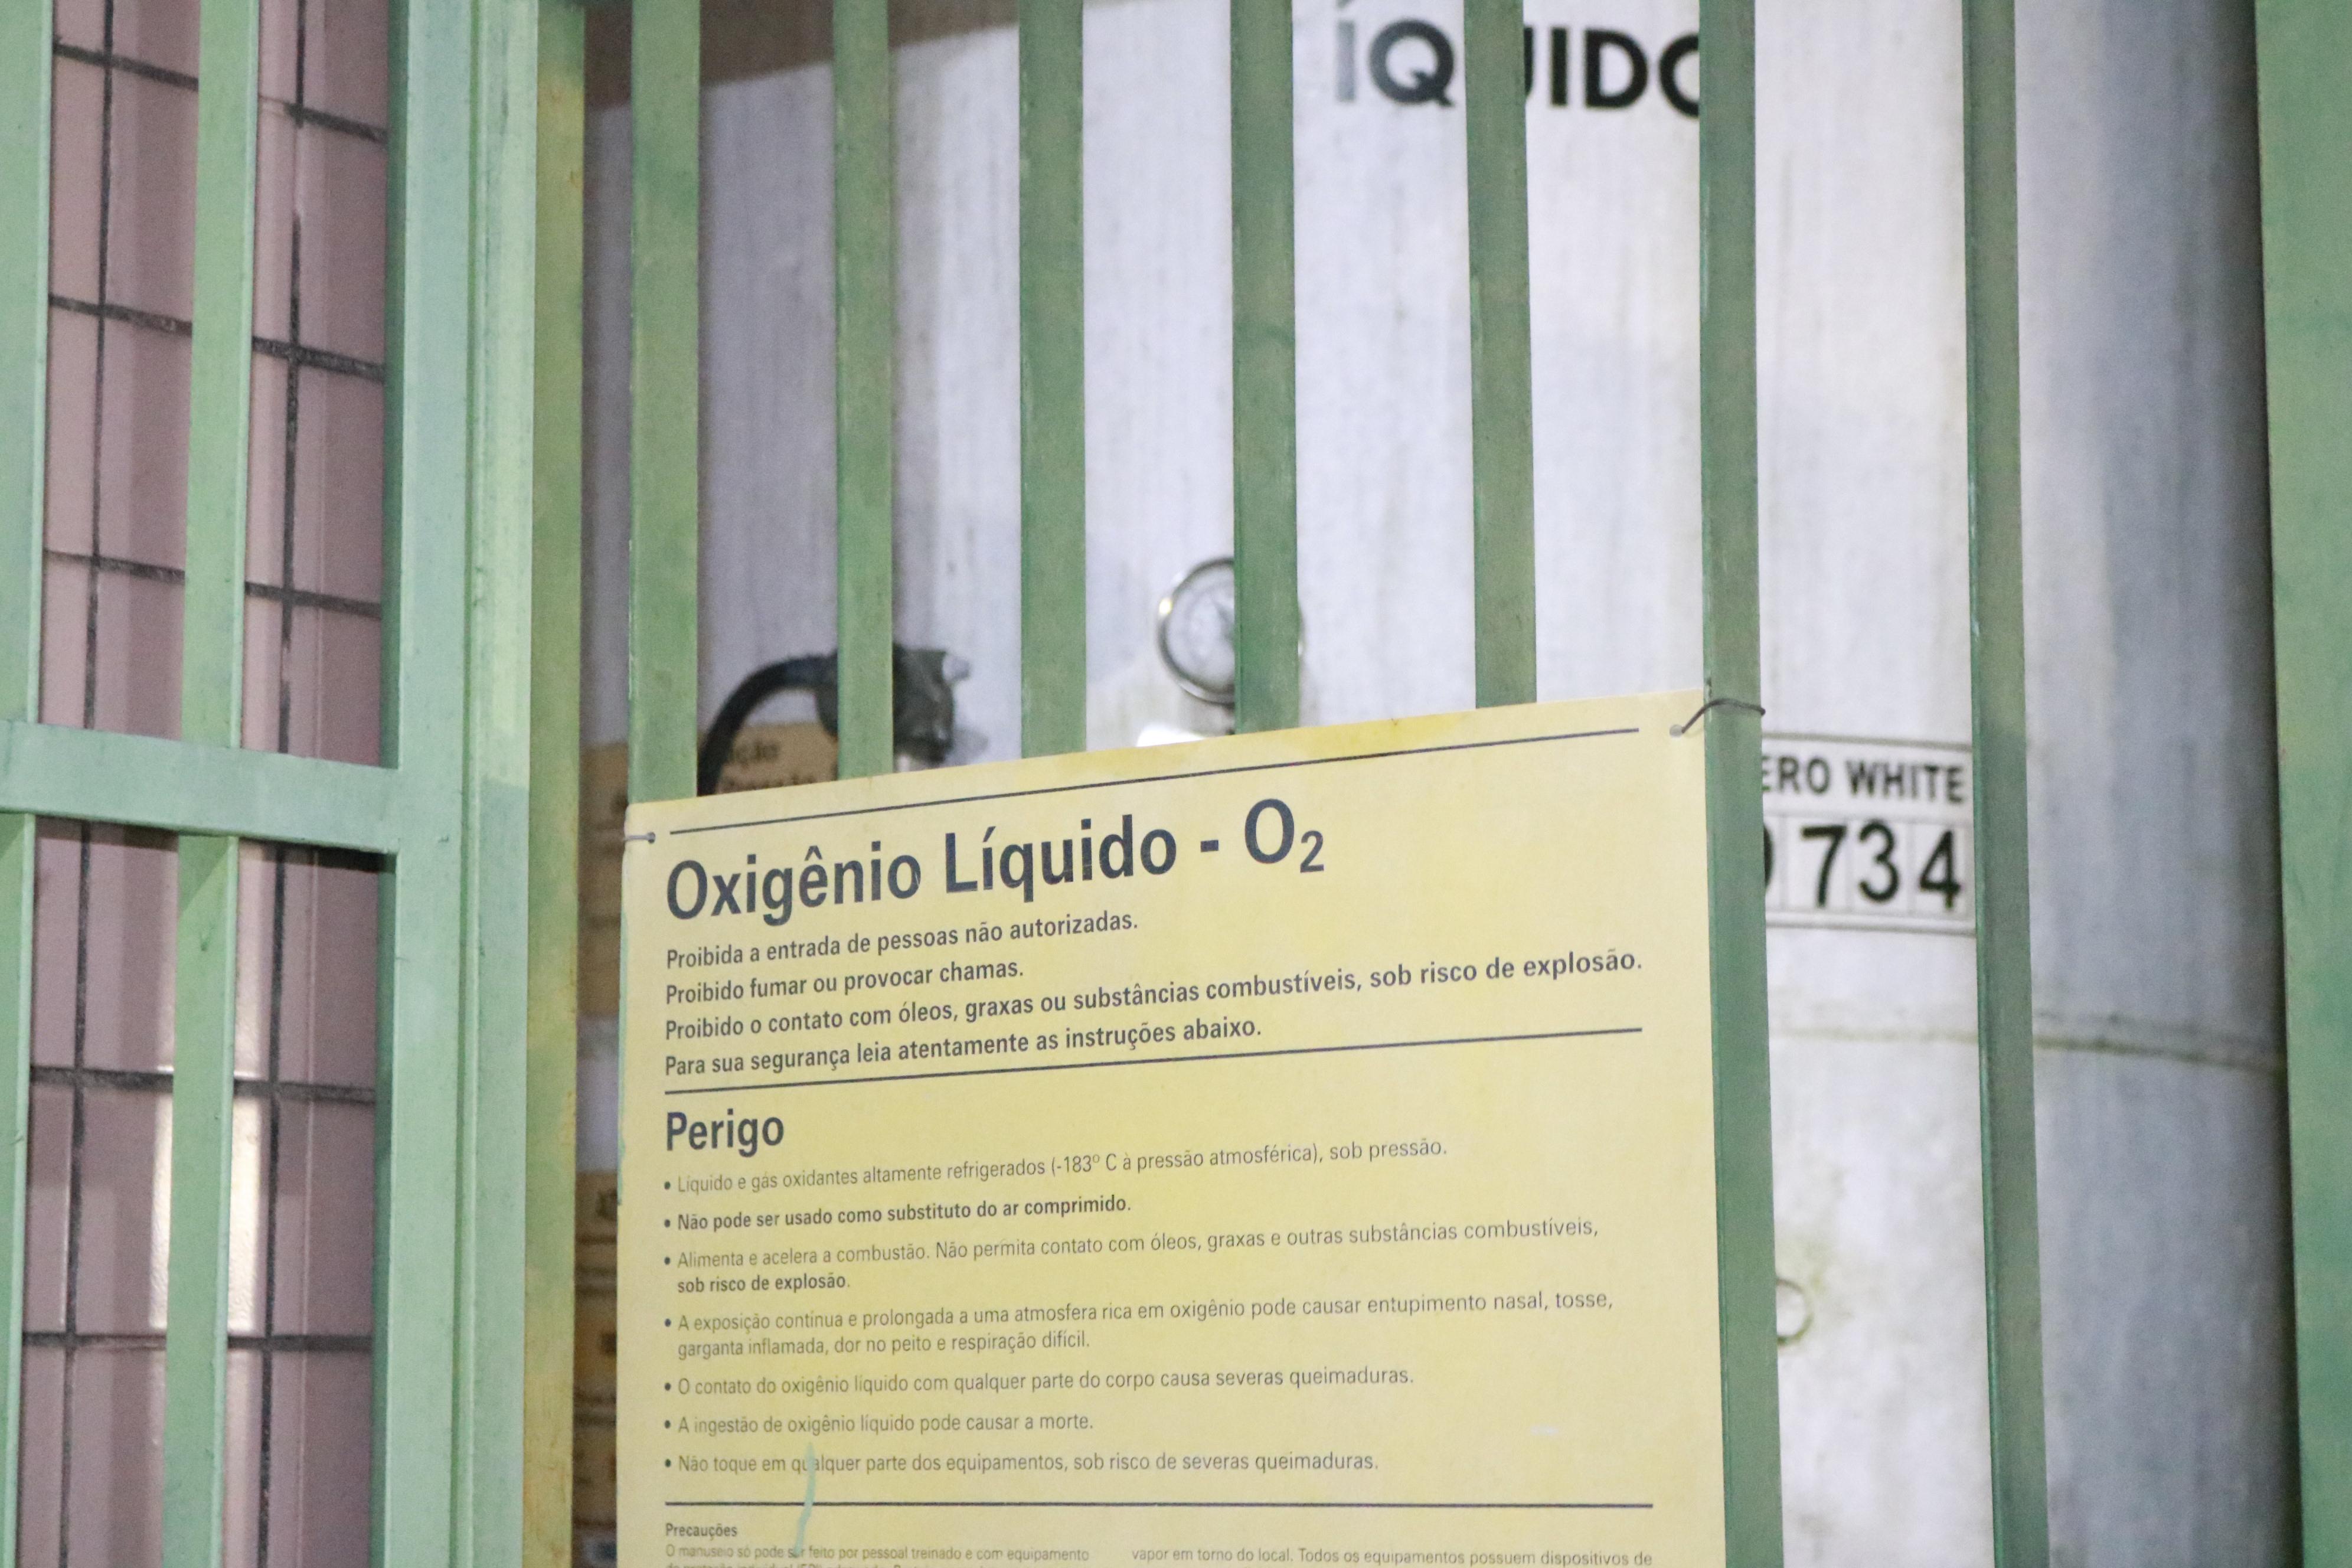 IMAGEM: TCU dá a Manaus dez dias para informar se Saúde pressionou pelo uso de cloroquina